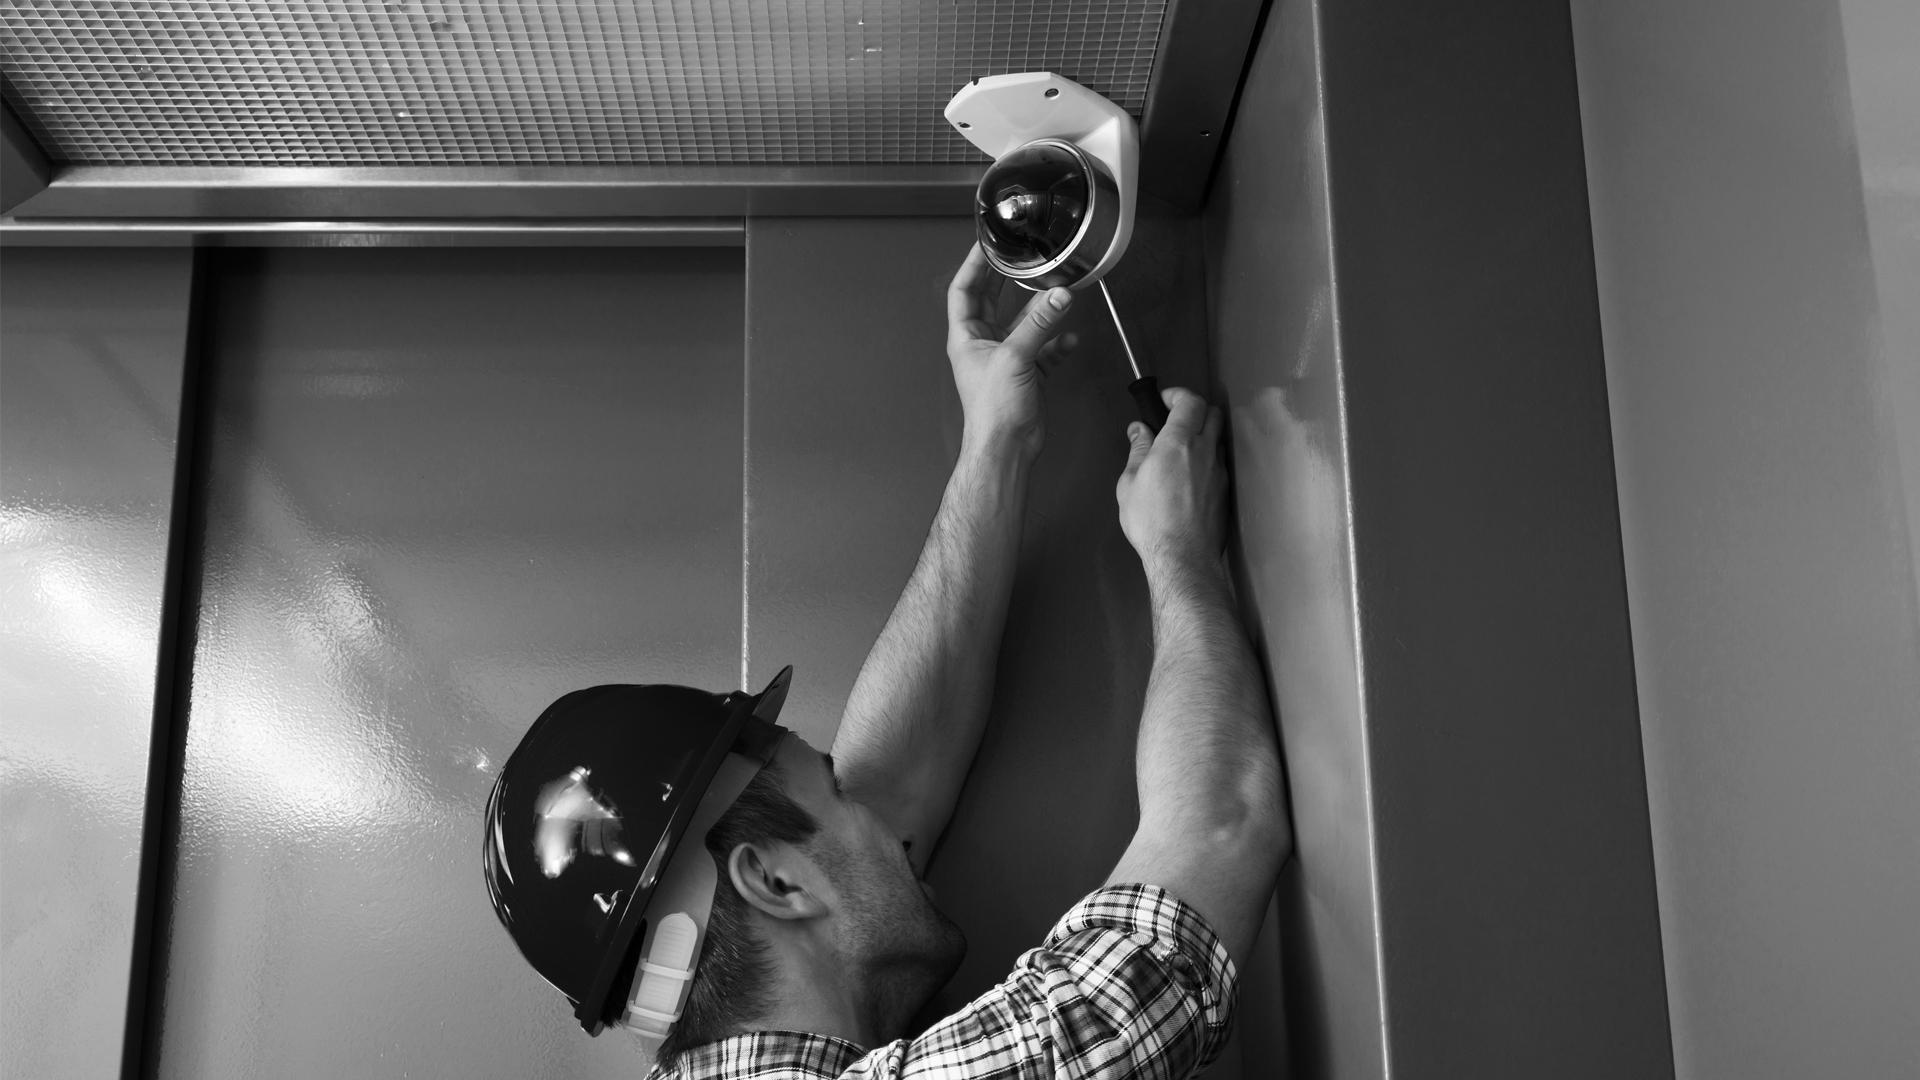 Wat als jouw werkgever verborgen camera's wil plaatsen? - Blue Legal